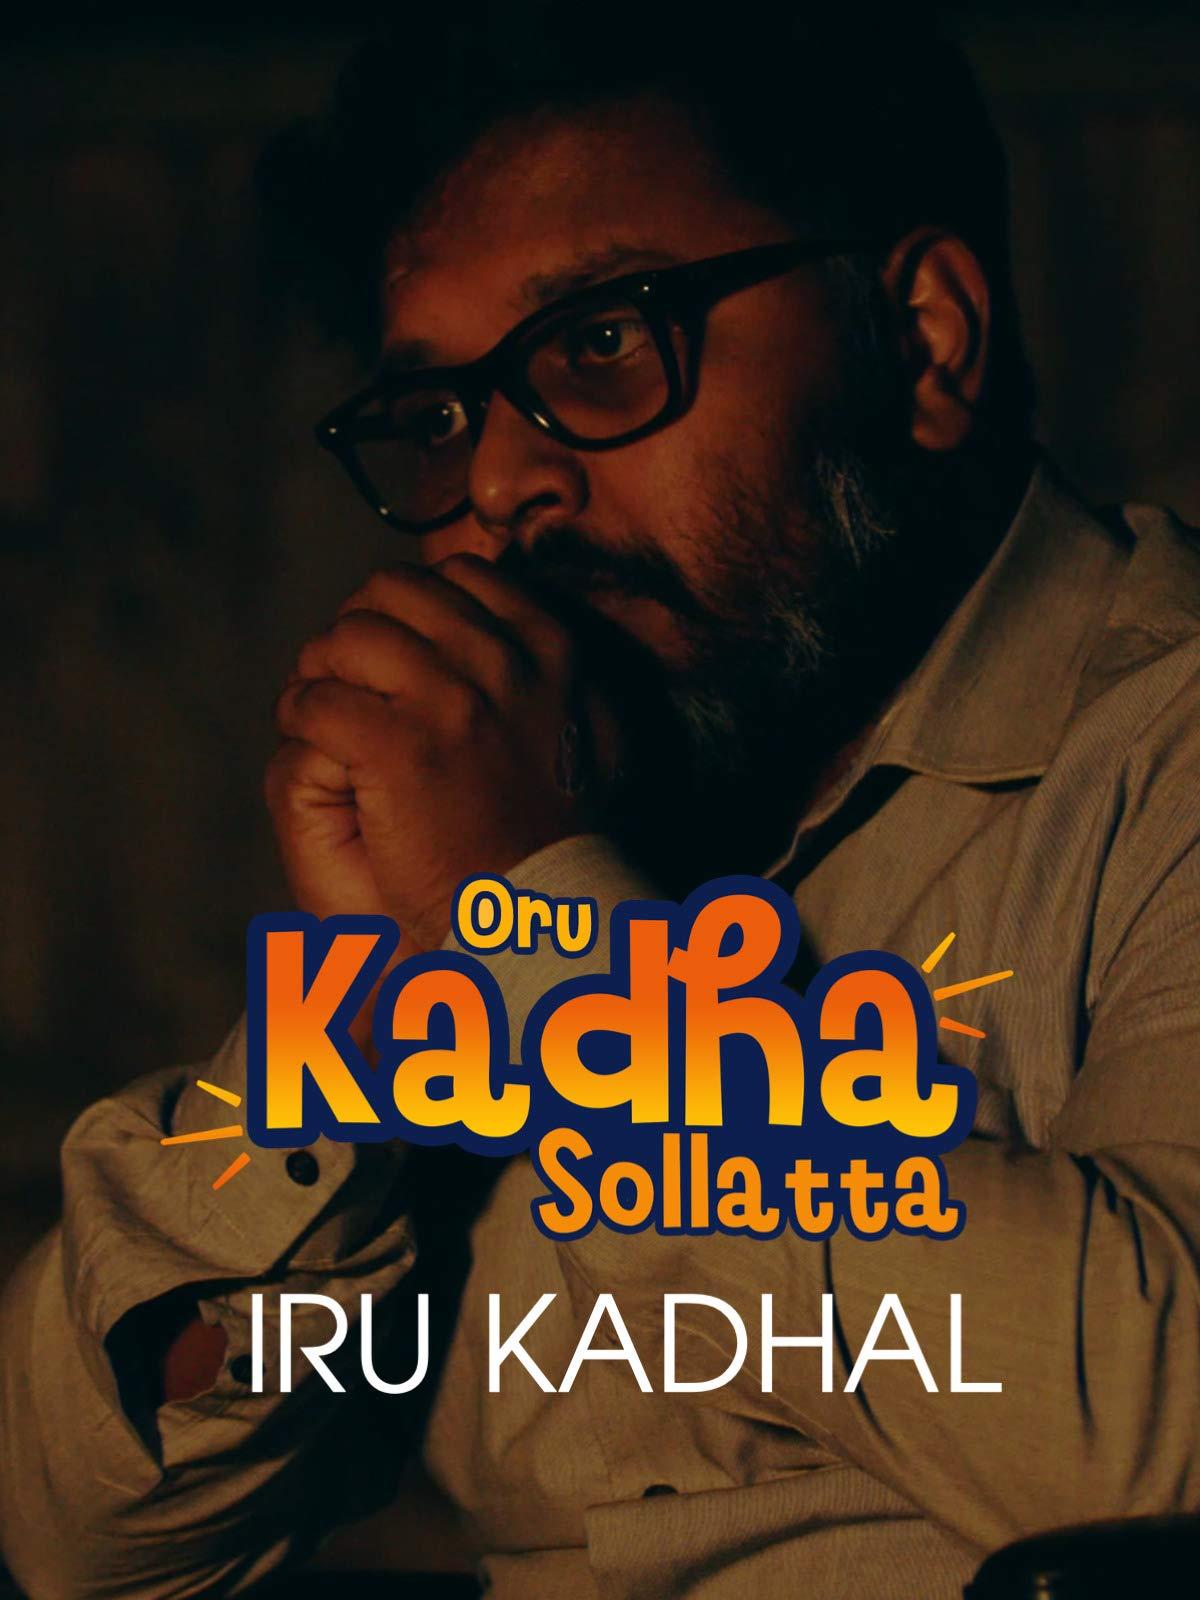 Iru Kadhal - Oru Kadha Sollata